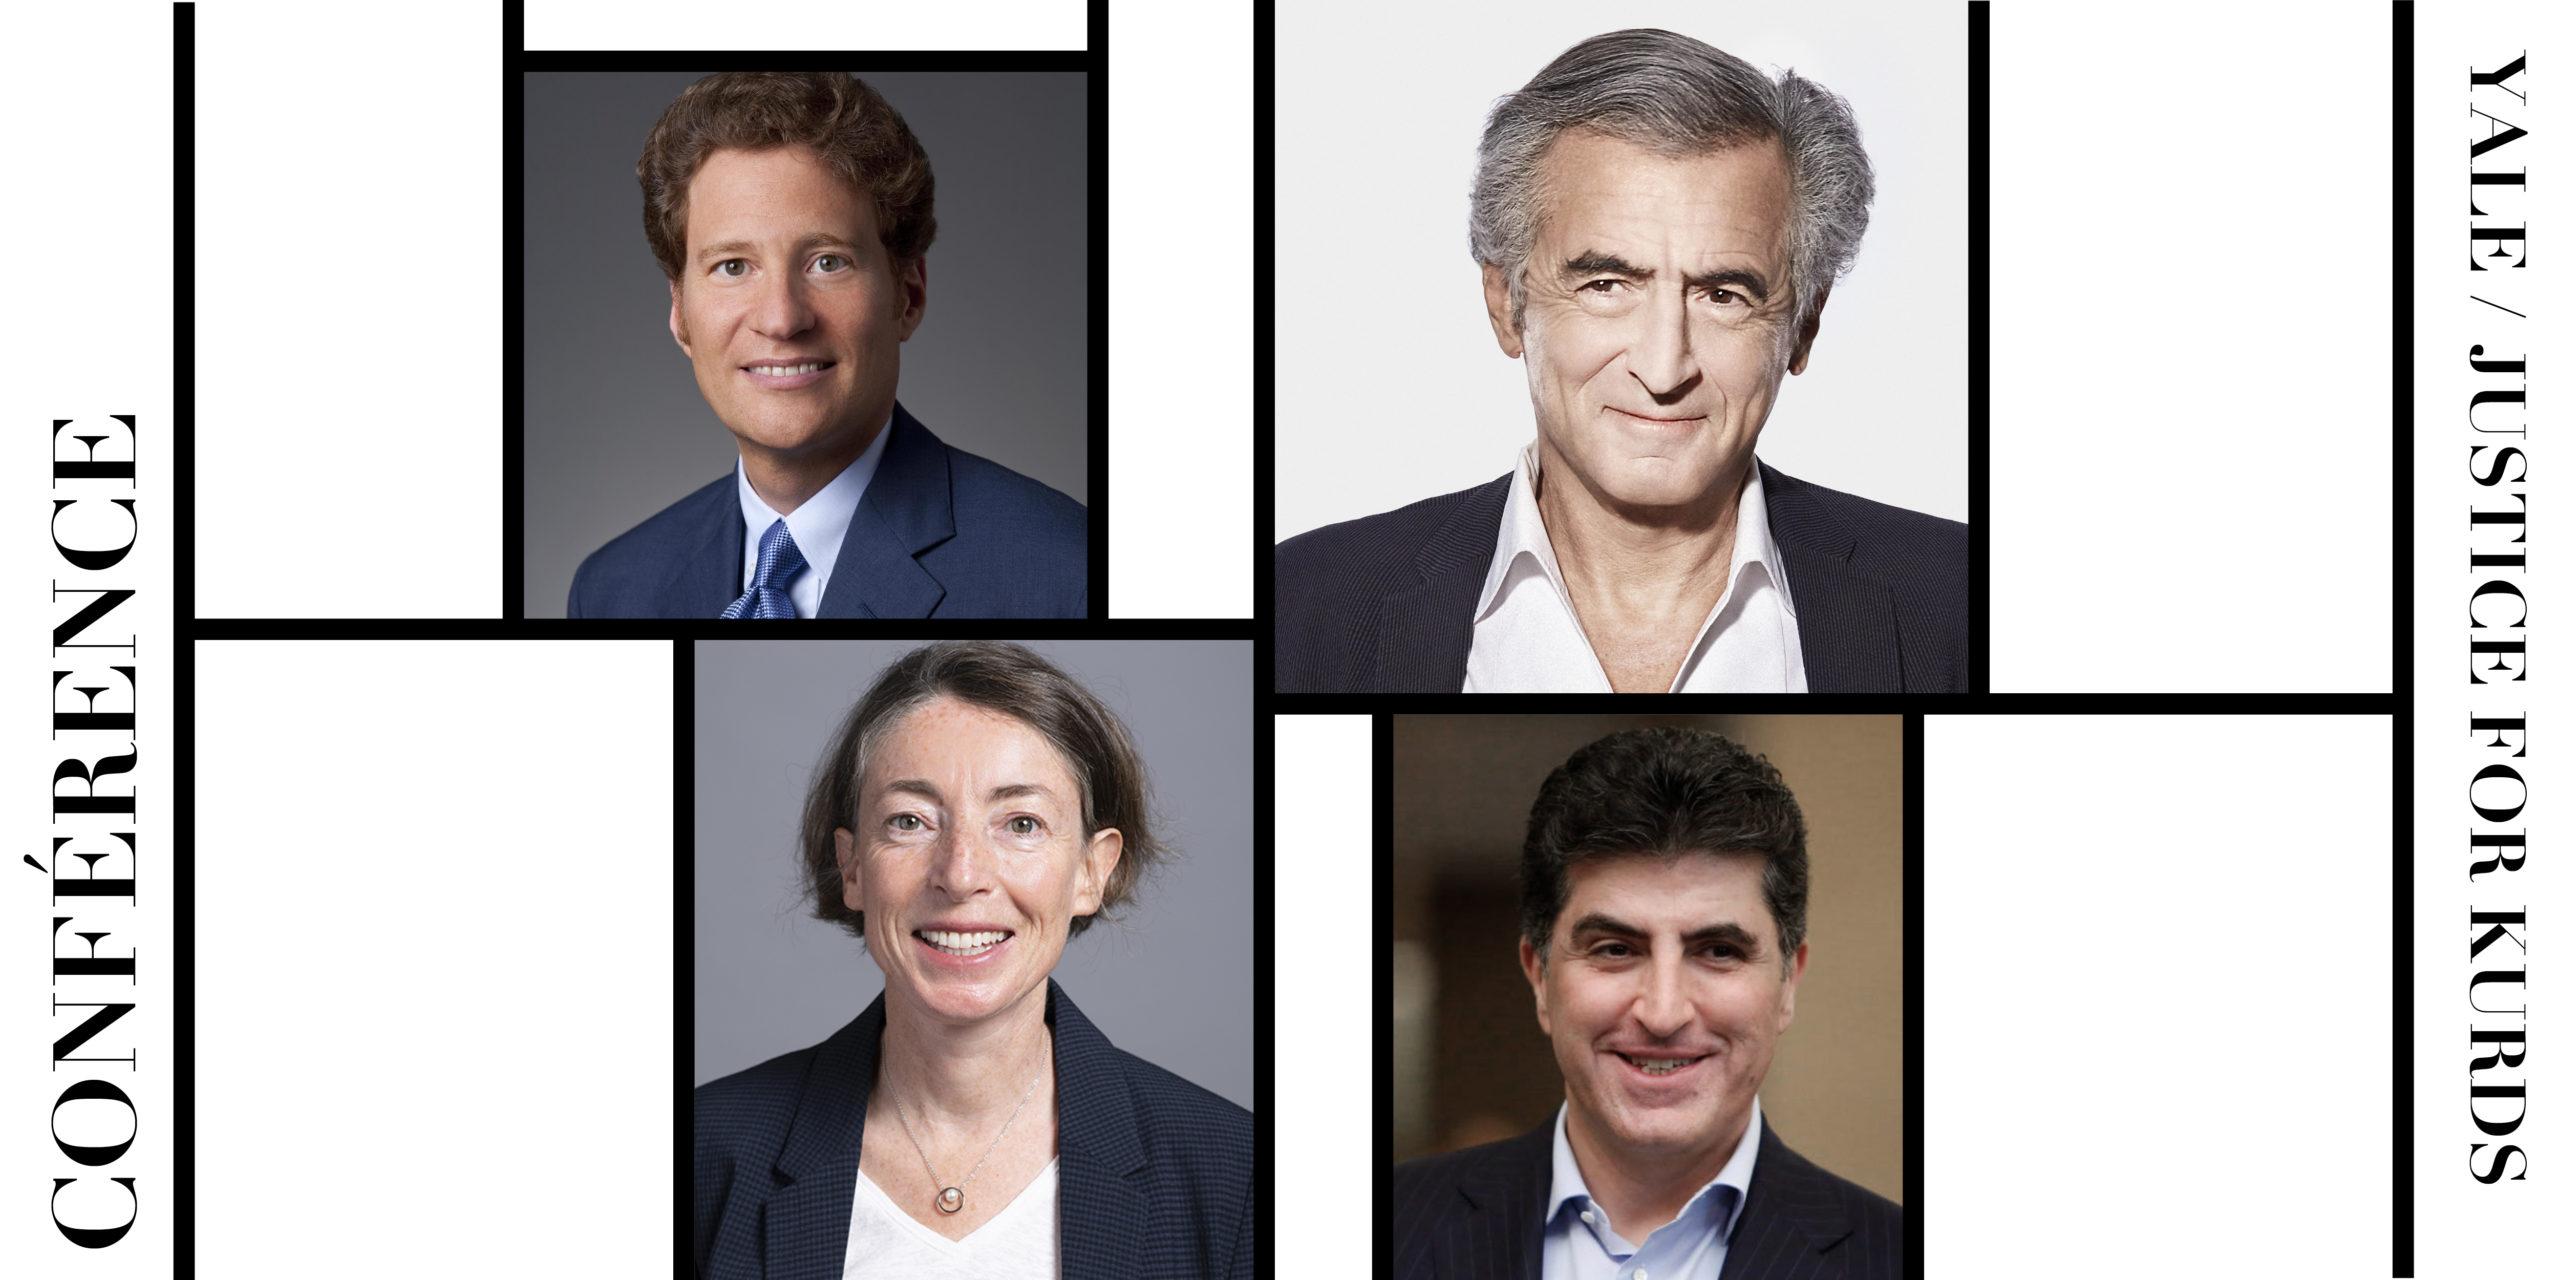 Les portraits de Les conférenciers Thomas Kaplan et Bernard-Henri Lévy, co-présidents de Justice for Kurds. La modératrice Emma Sky, de Yale University. Et le président du Kurdistan irakien Nechirvan Barzani.